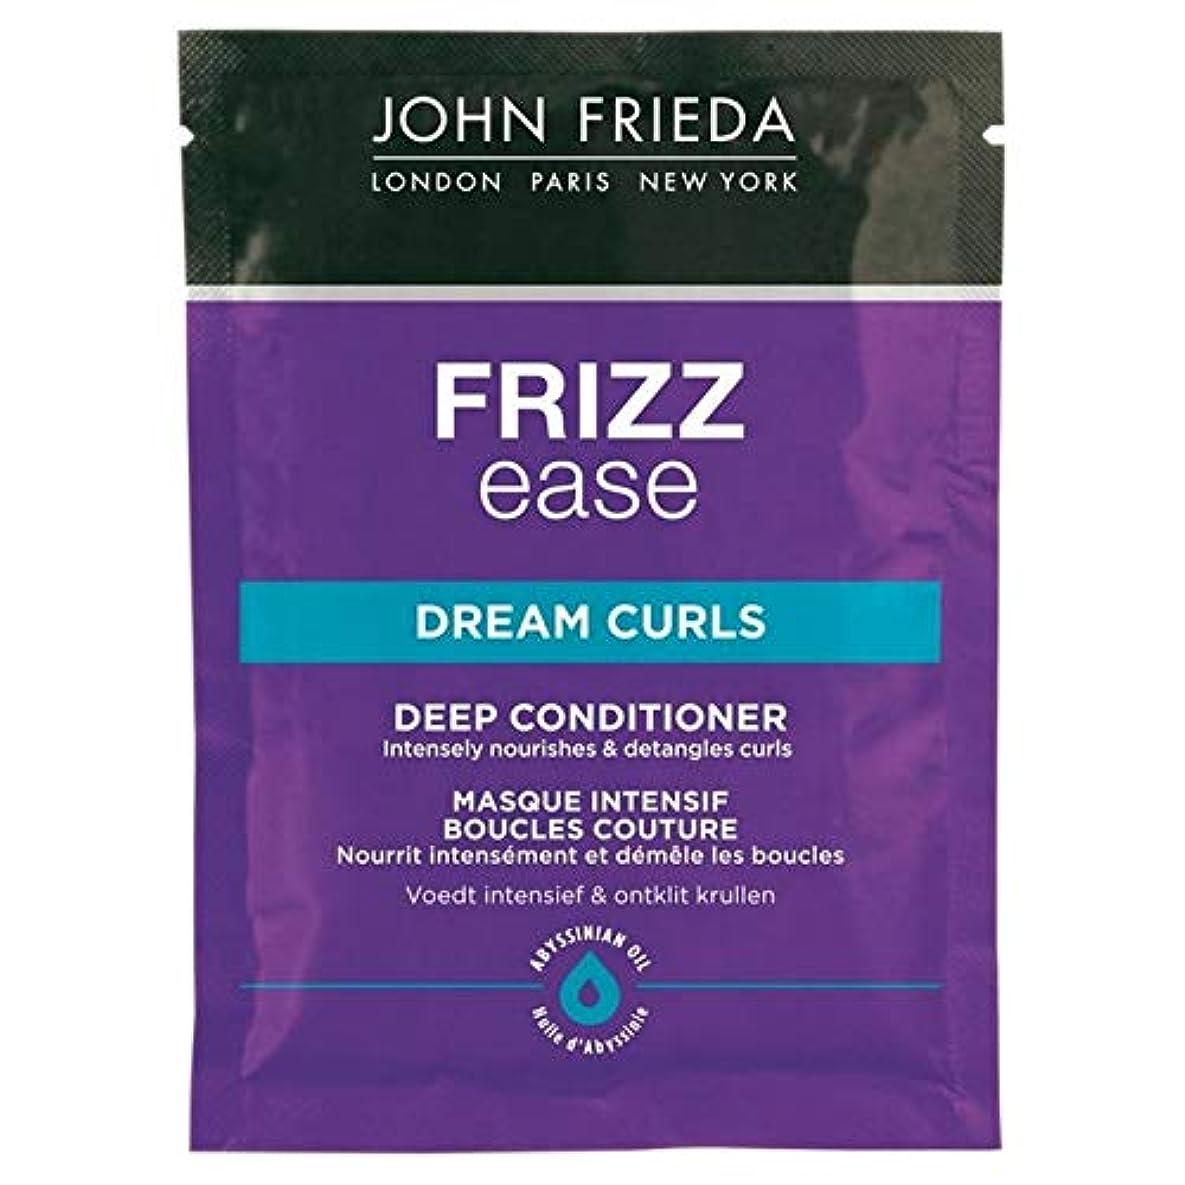 聖なる帰する聴覚障害者[John Frieda ] ジョン?フリーダ縮れ容易夢のカールコンディショナー25ミリリットル - John Frieda Frizz Ease Dream Curls Conditioner 25ml [並行輸入品]